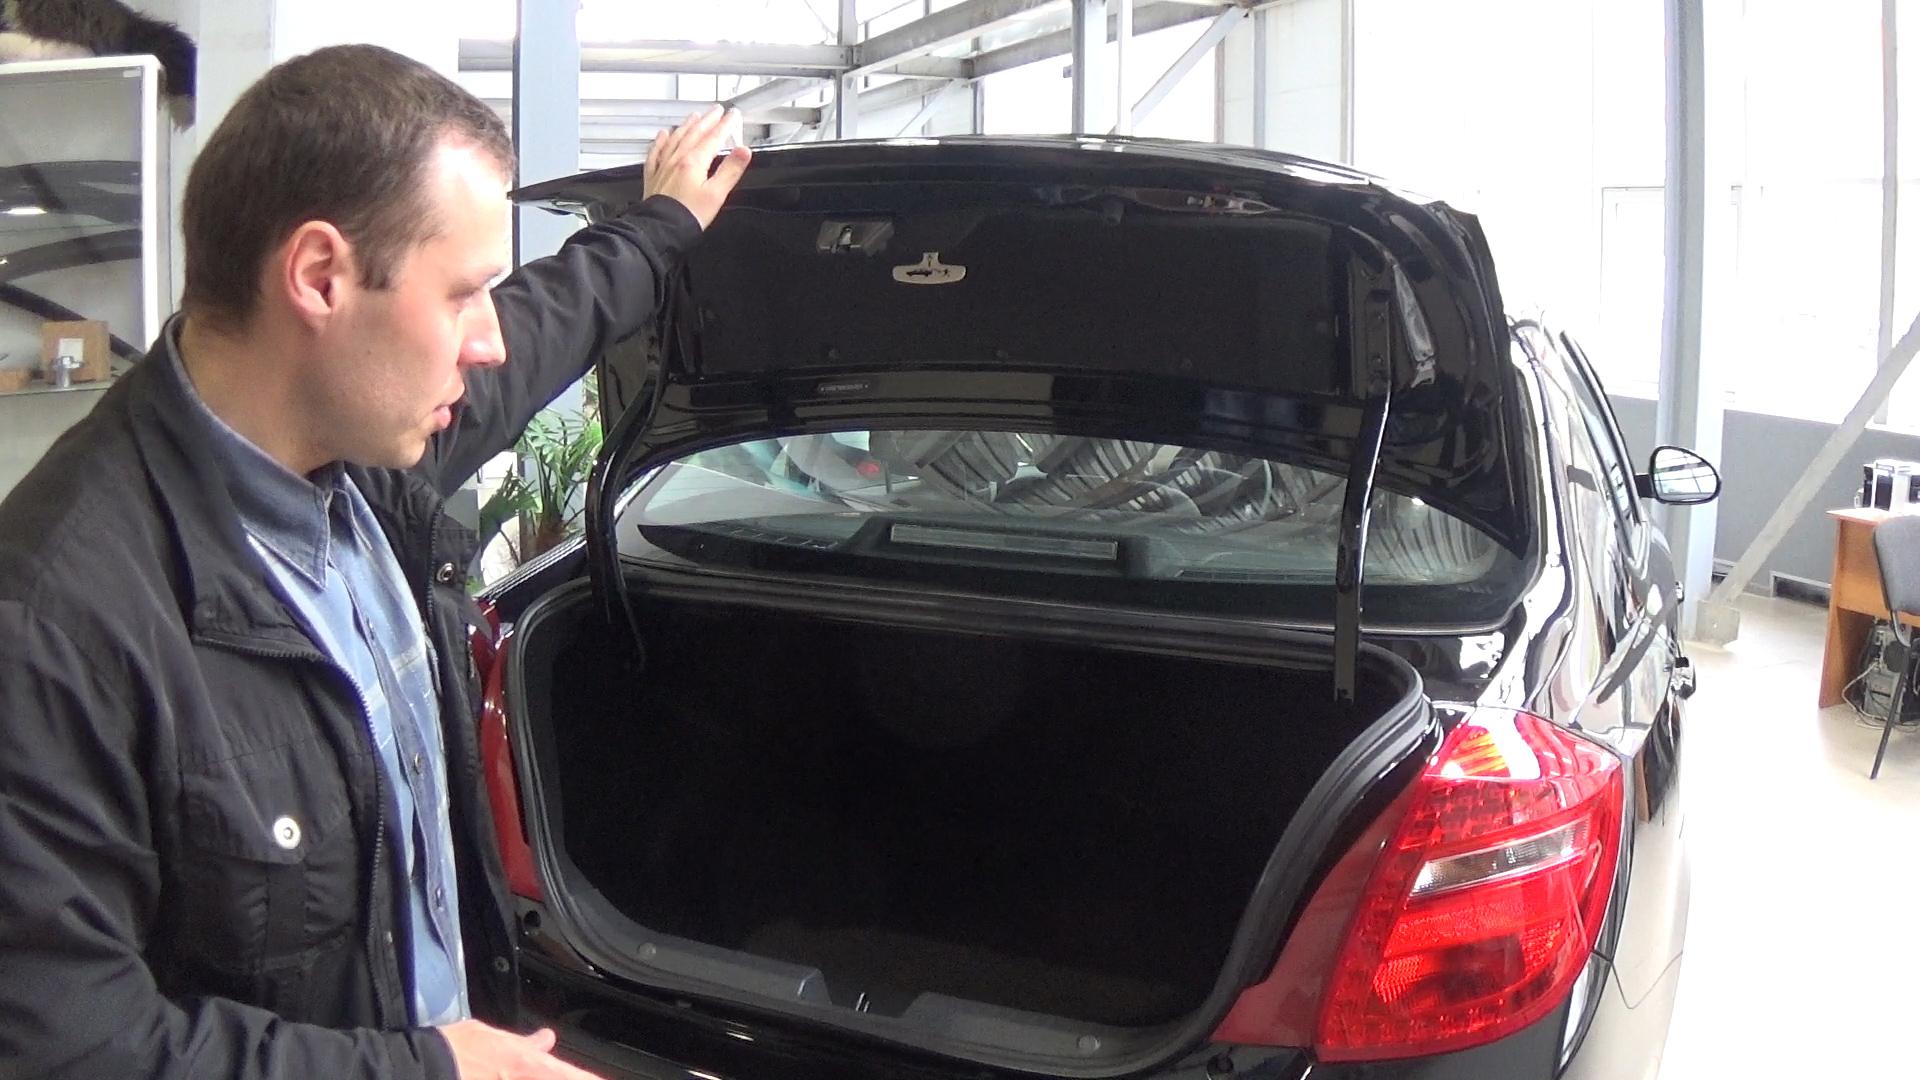 государственный университет багажник на крышу автомобиля чери бонус гороскоп